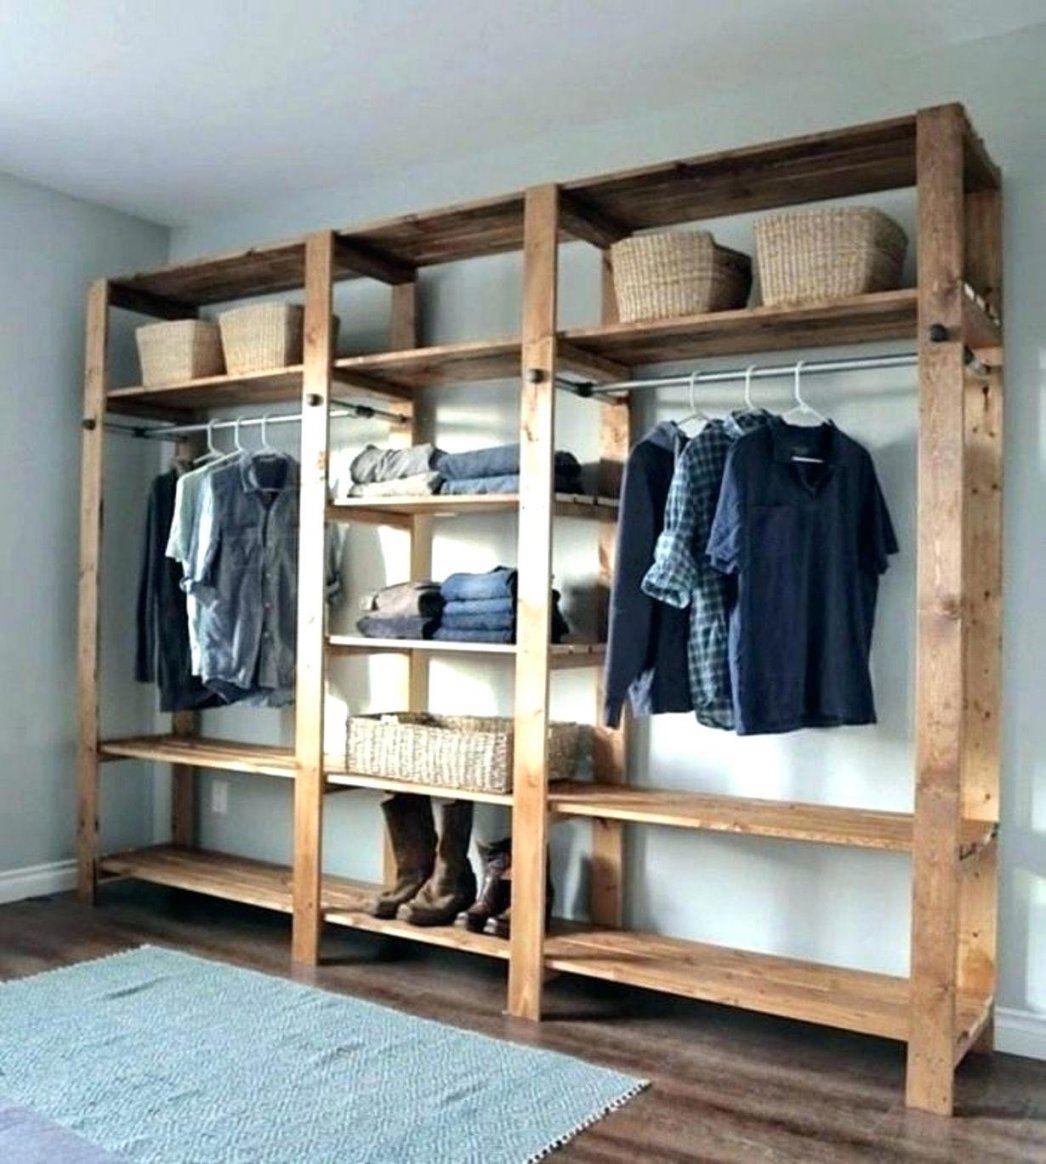 Ankleidezimmer Gestalten Cool Kleiderschrank Selbst Offener Ikea Von